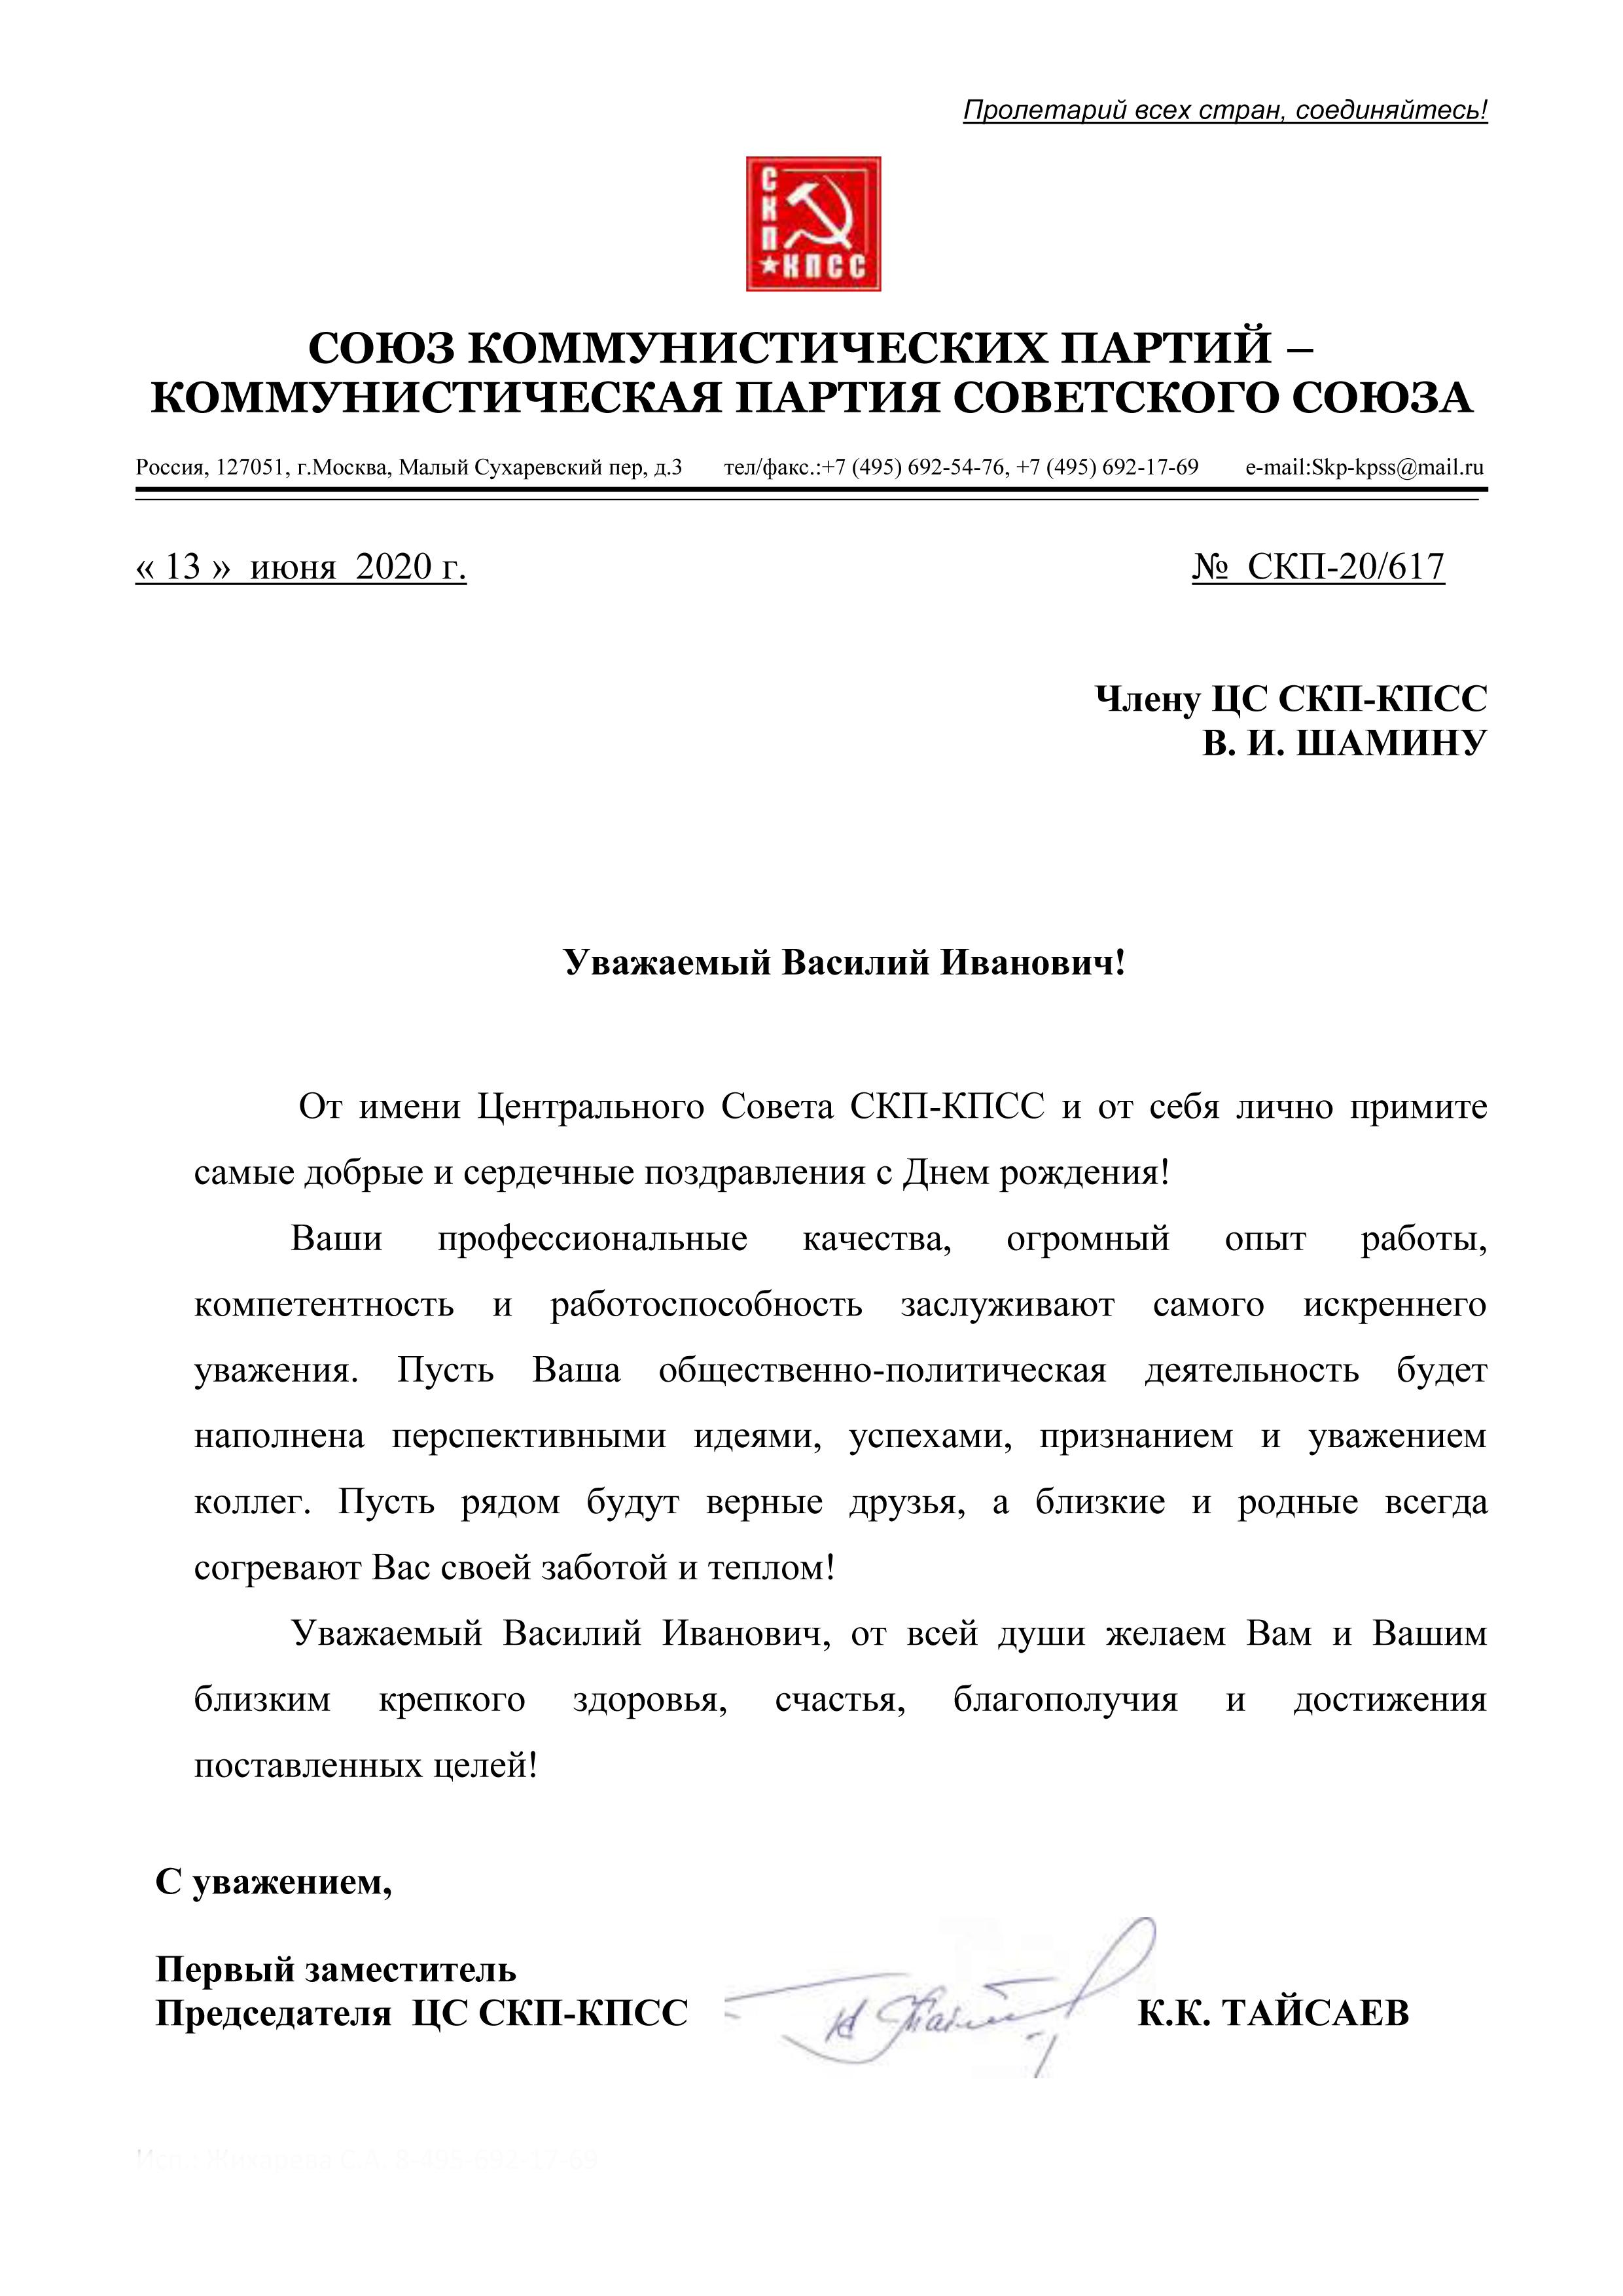 1. ШАМИНУ С ДР СКП-20